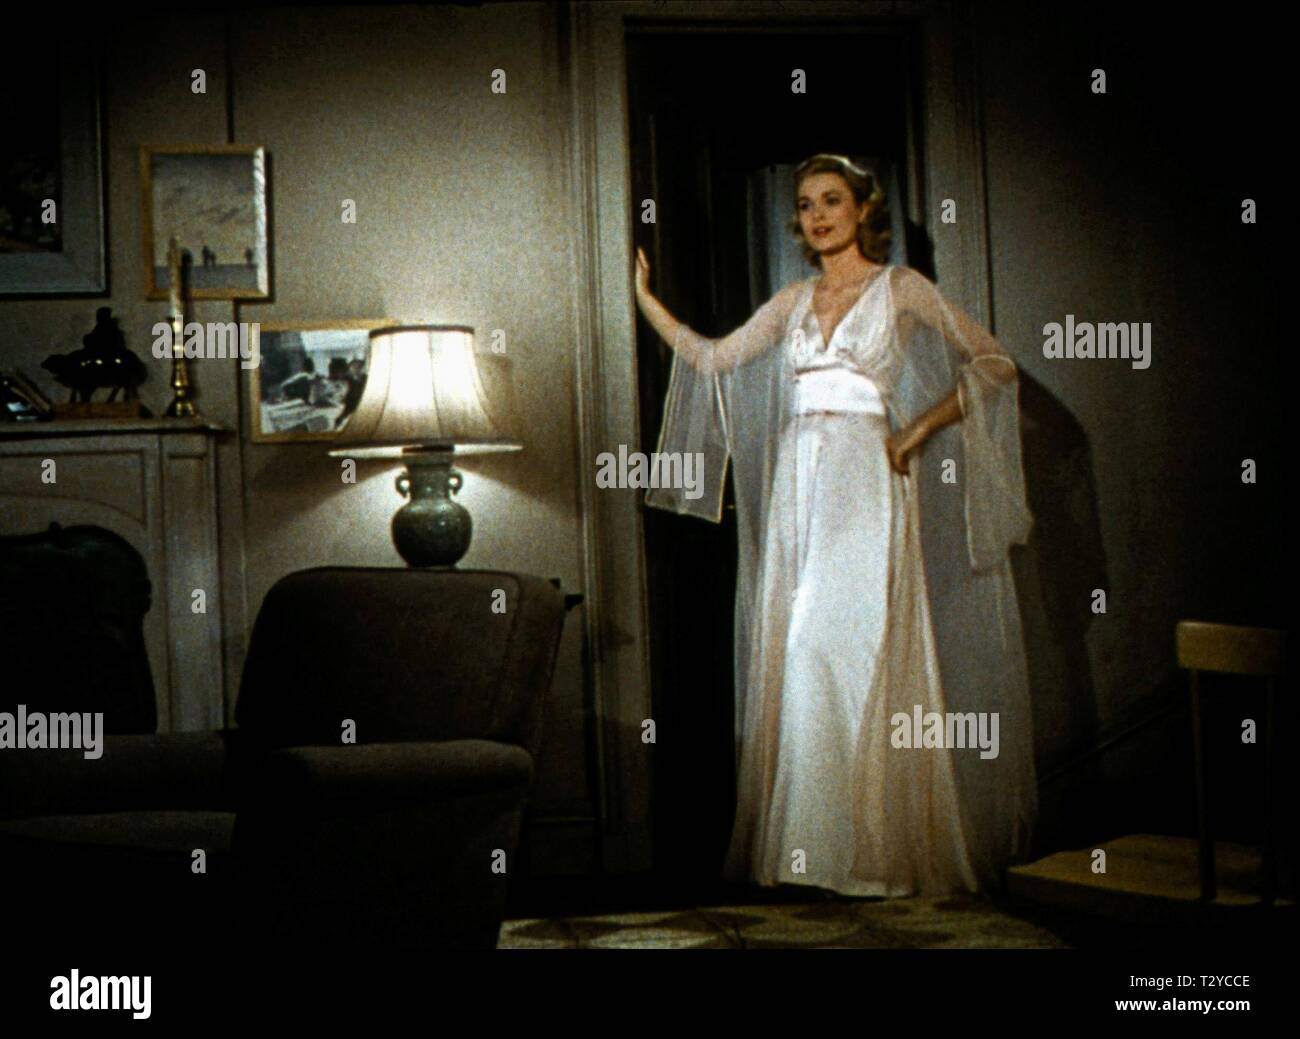 GRACE KELLY, REAR WINDOW, 1954 - Stock Image